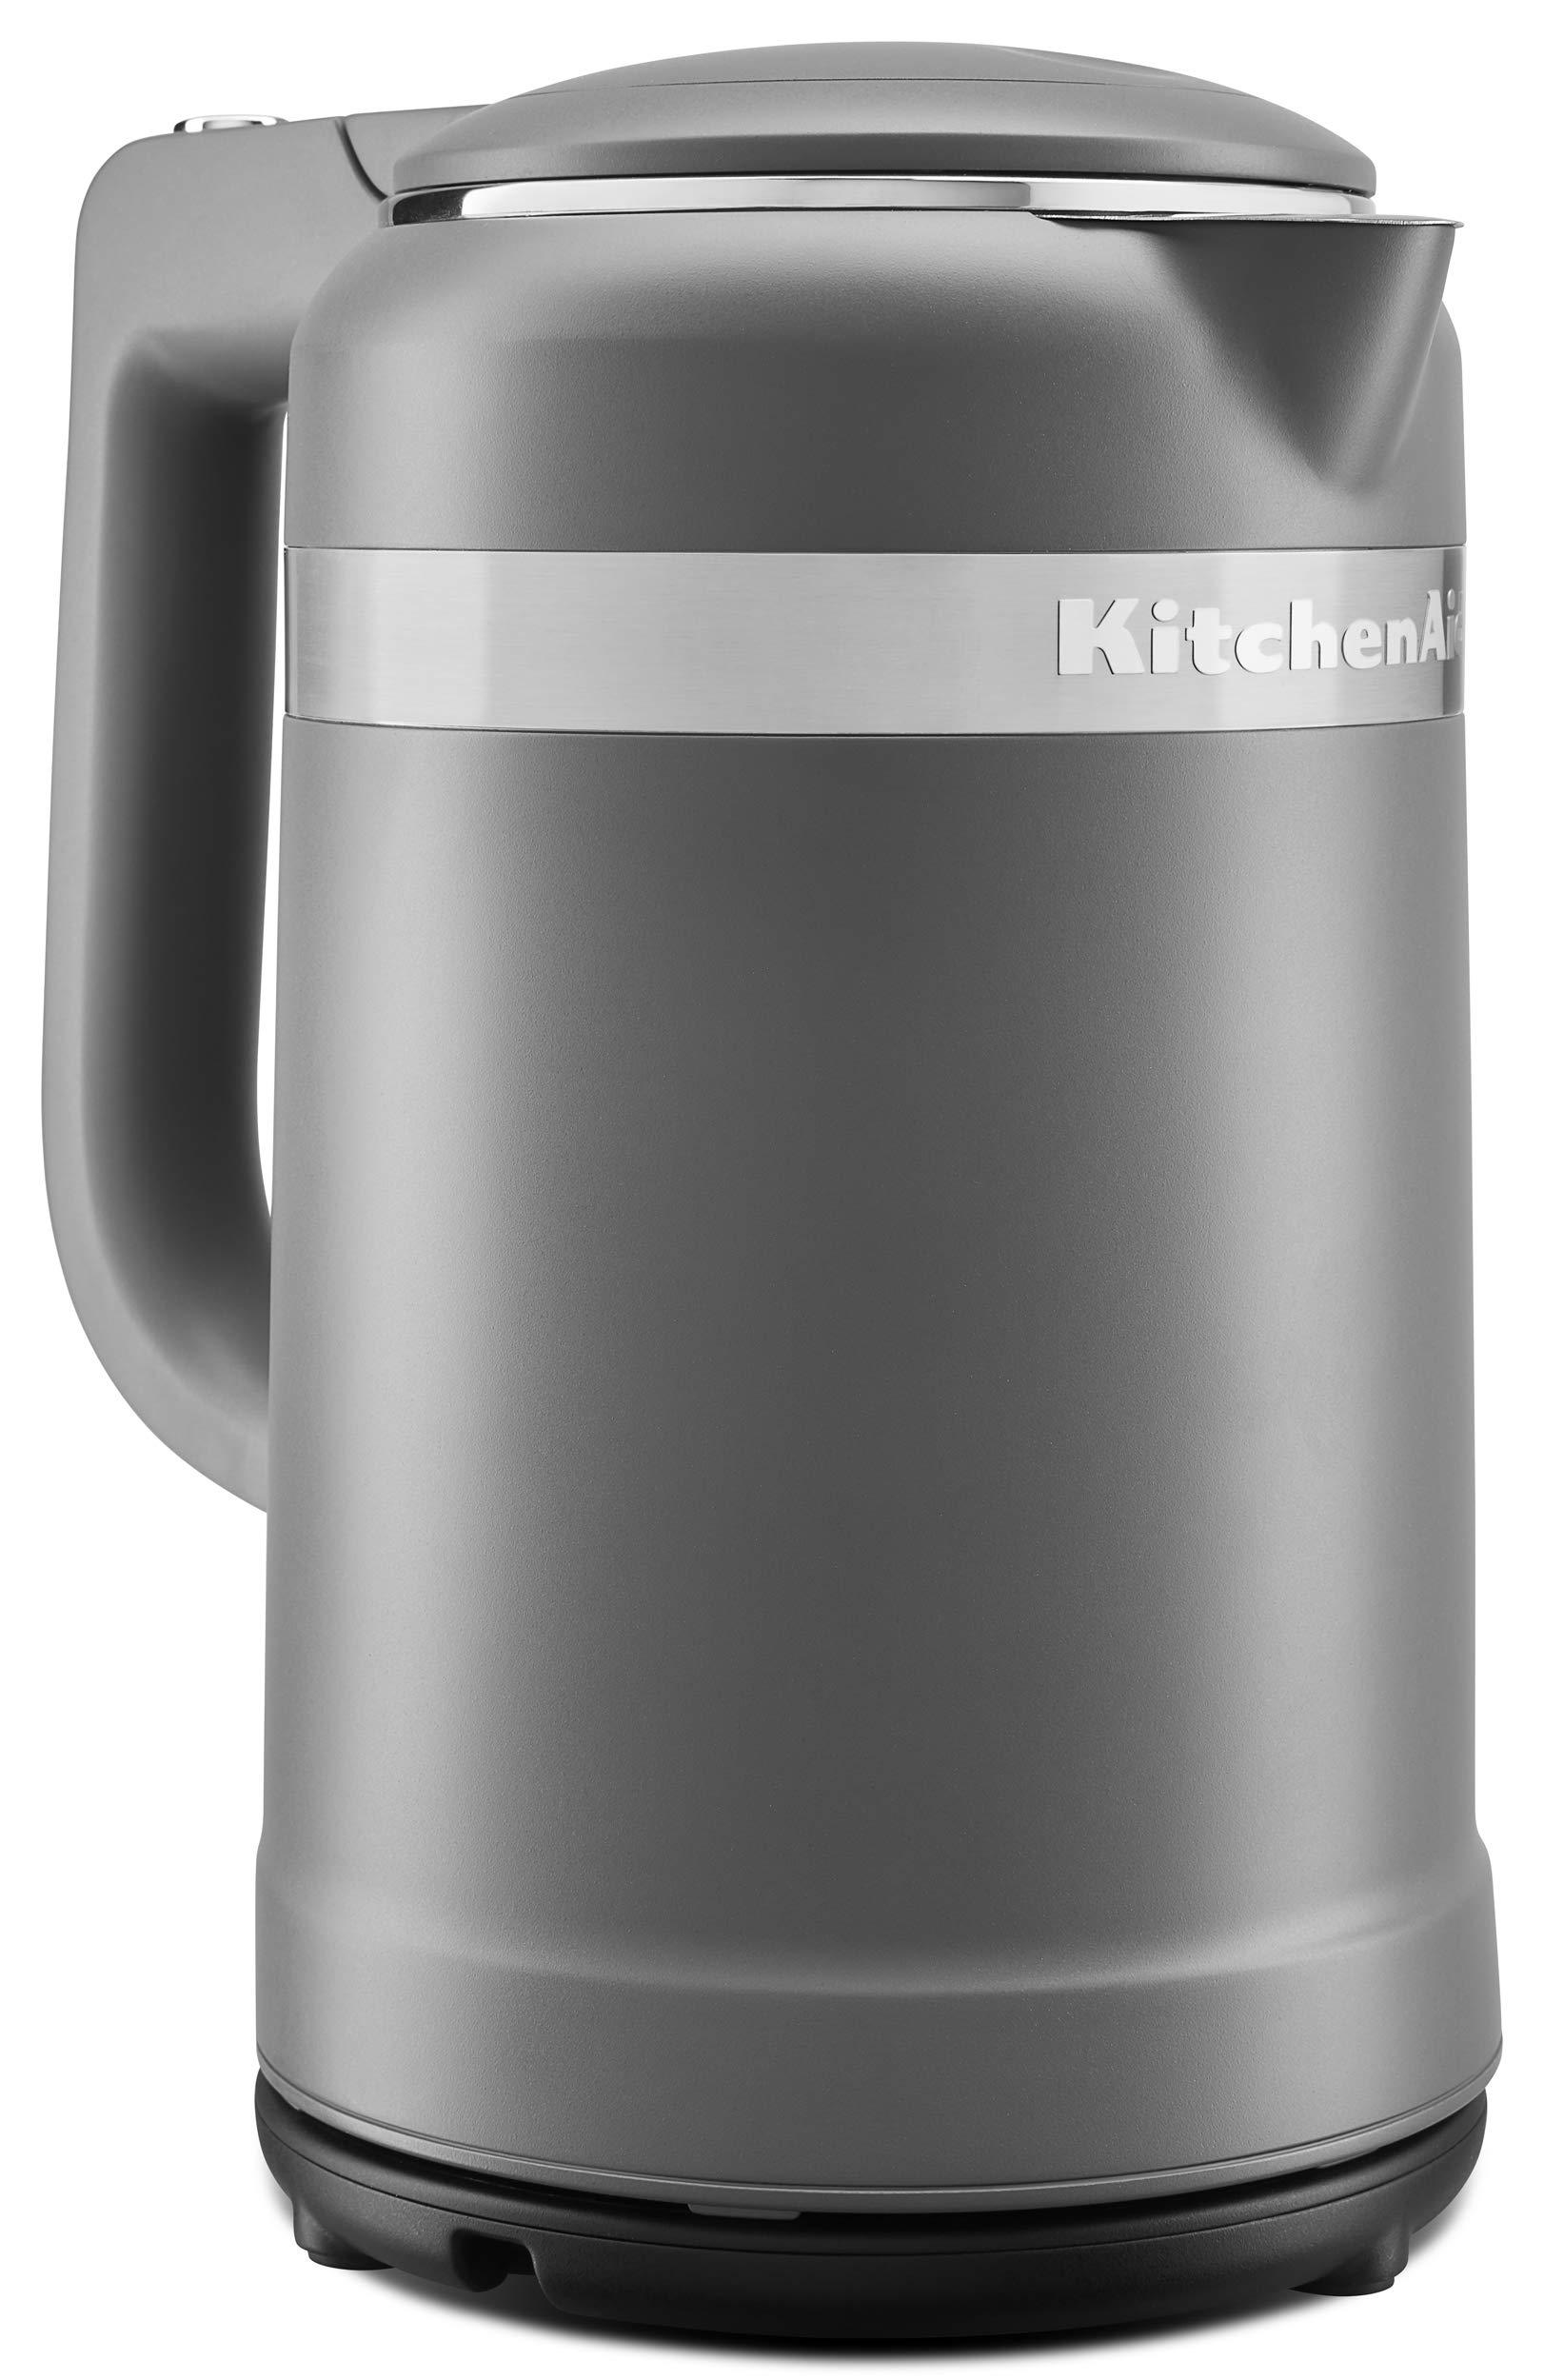 KitchenAid KEK1565DG Water Electric Kettles, 1.5 L, Matte Charcoal Grey